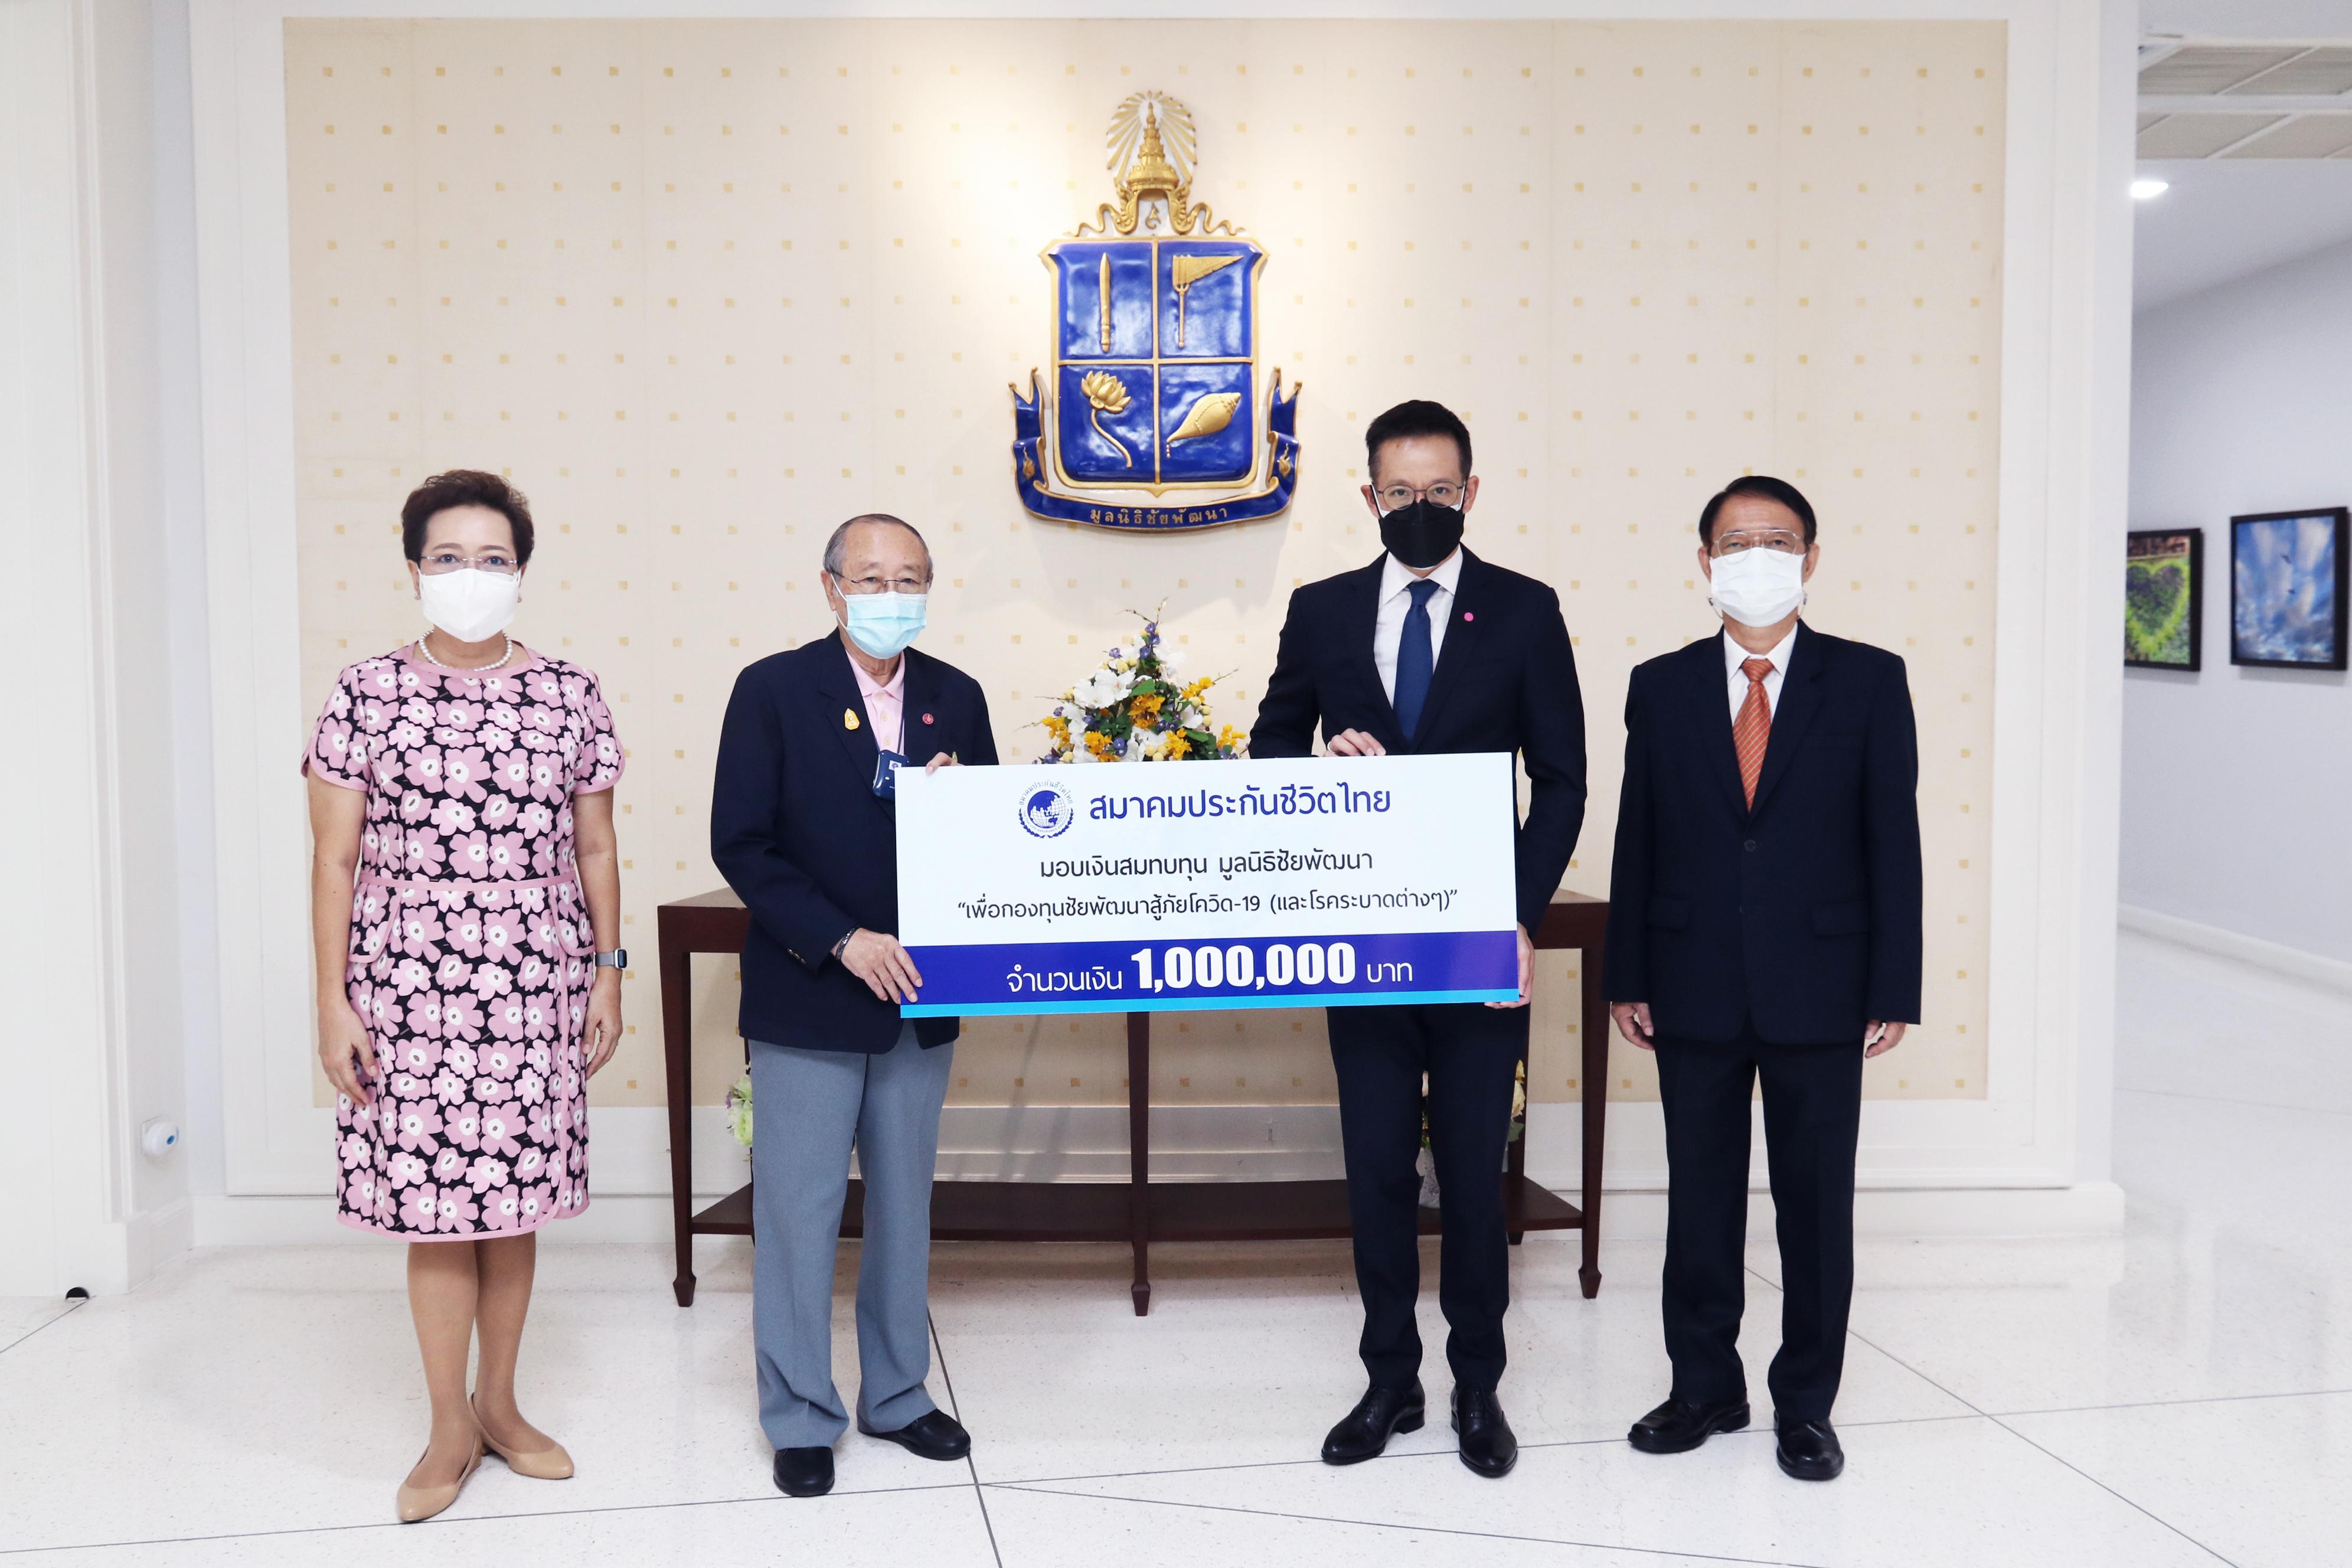 สมาคมประกันชีวิตไทย มอบเงินสมทบกองทุนชัยพัฒนาสู้ภัยโควิด-19 และโรคระบาดต่าง ๆ